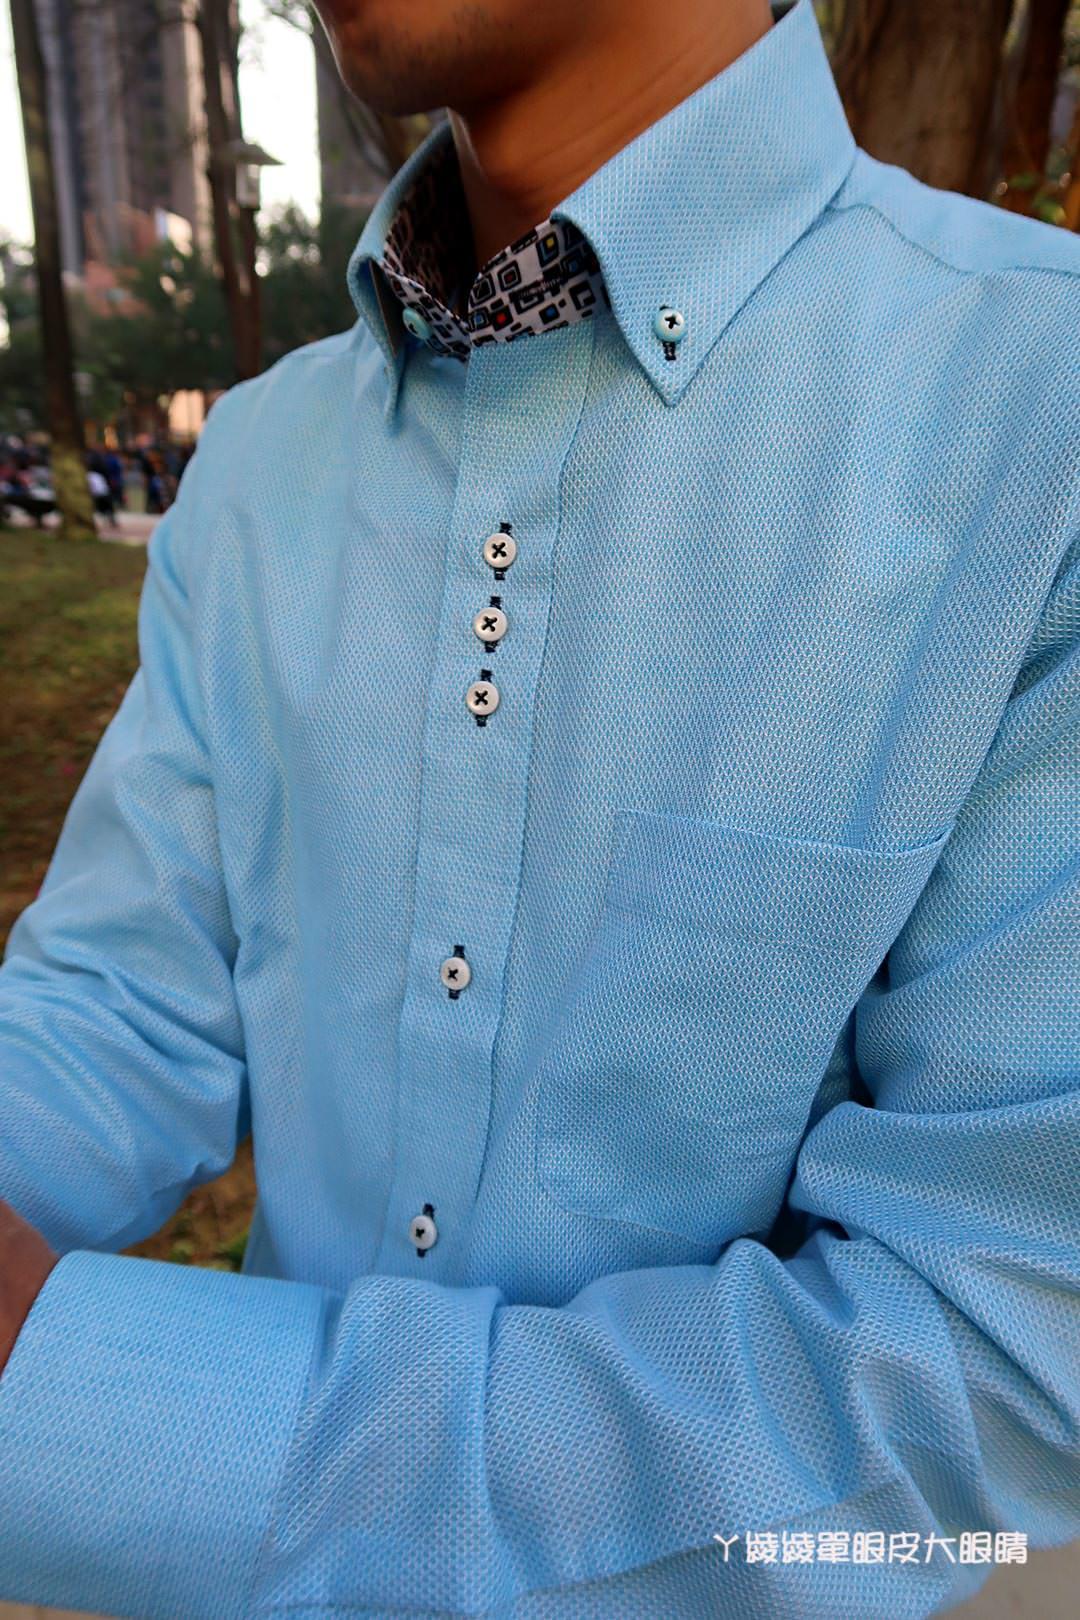 商務西裝襯衫品牌穿搭|衣十五E-fifteen,我換了一個新男友